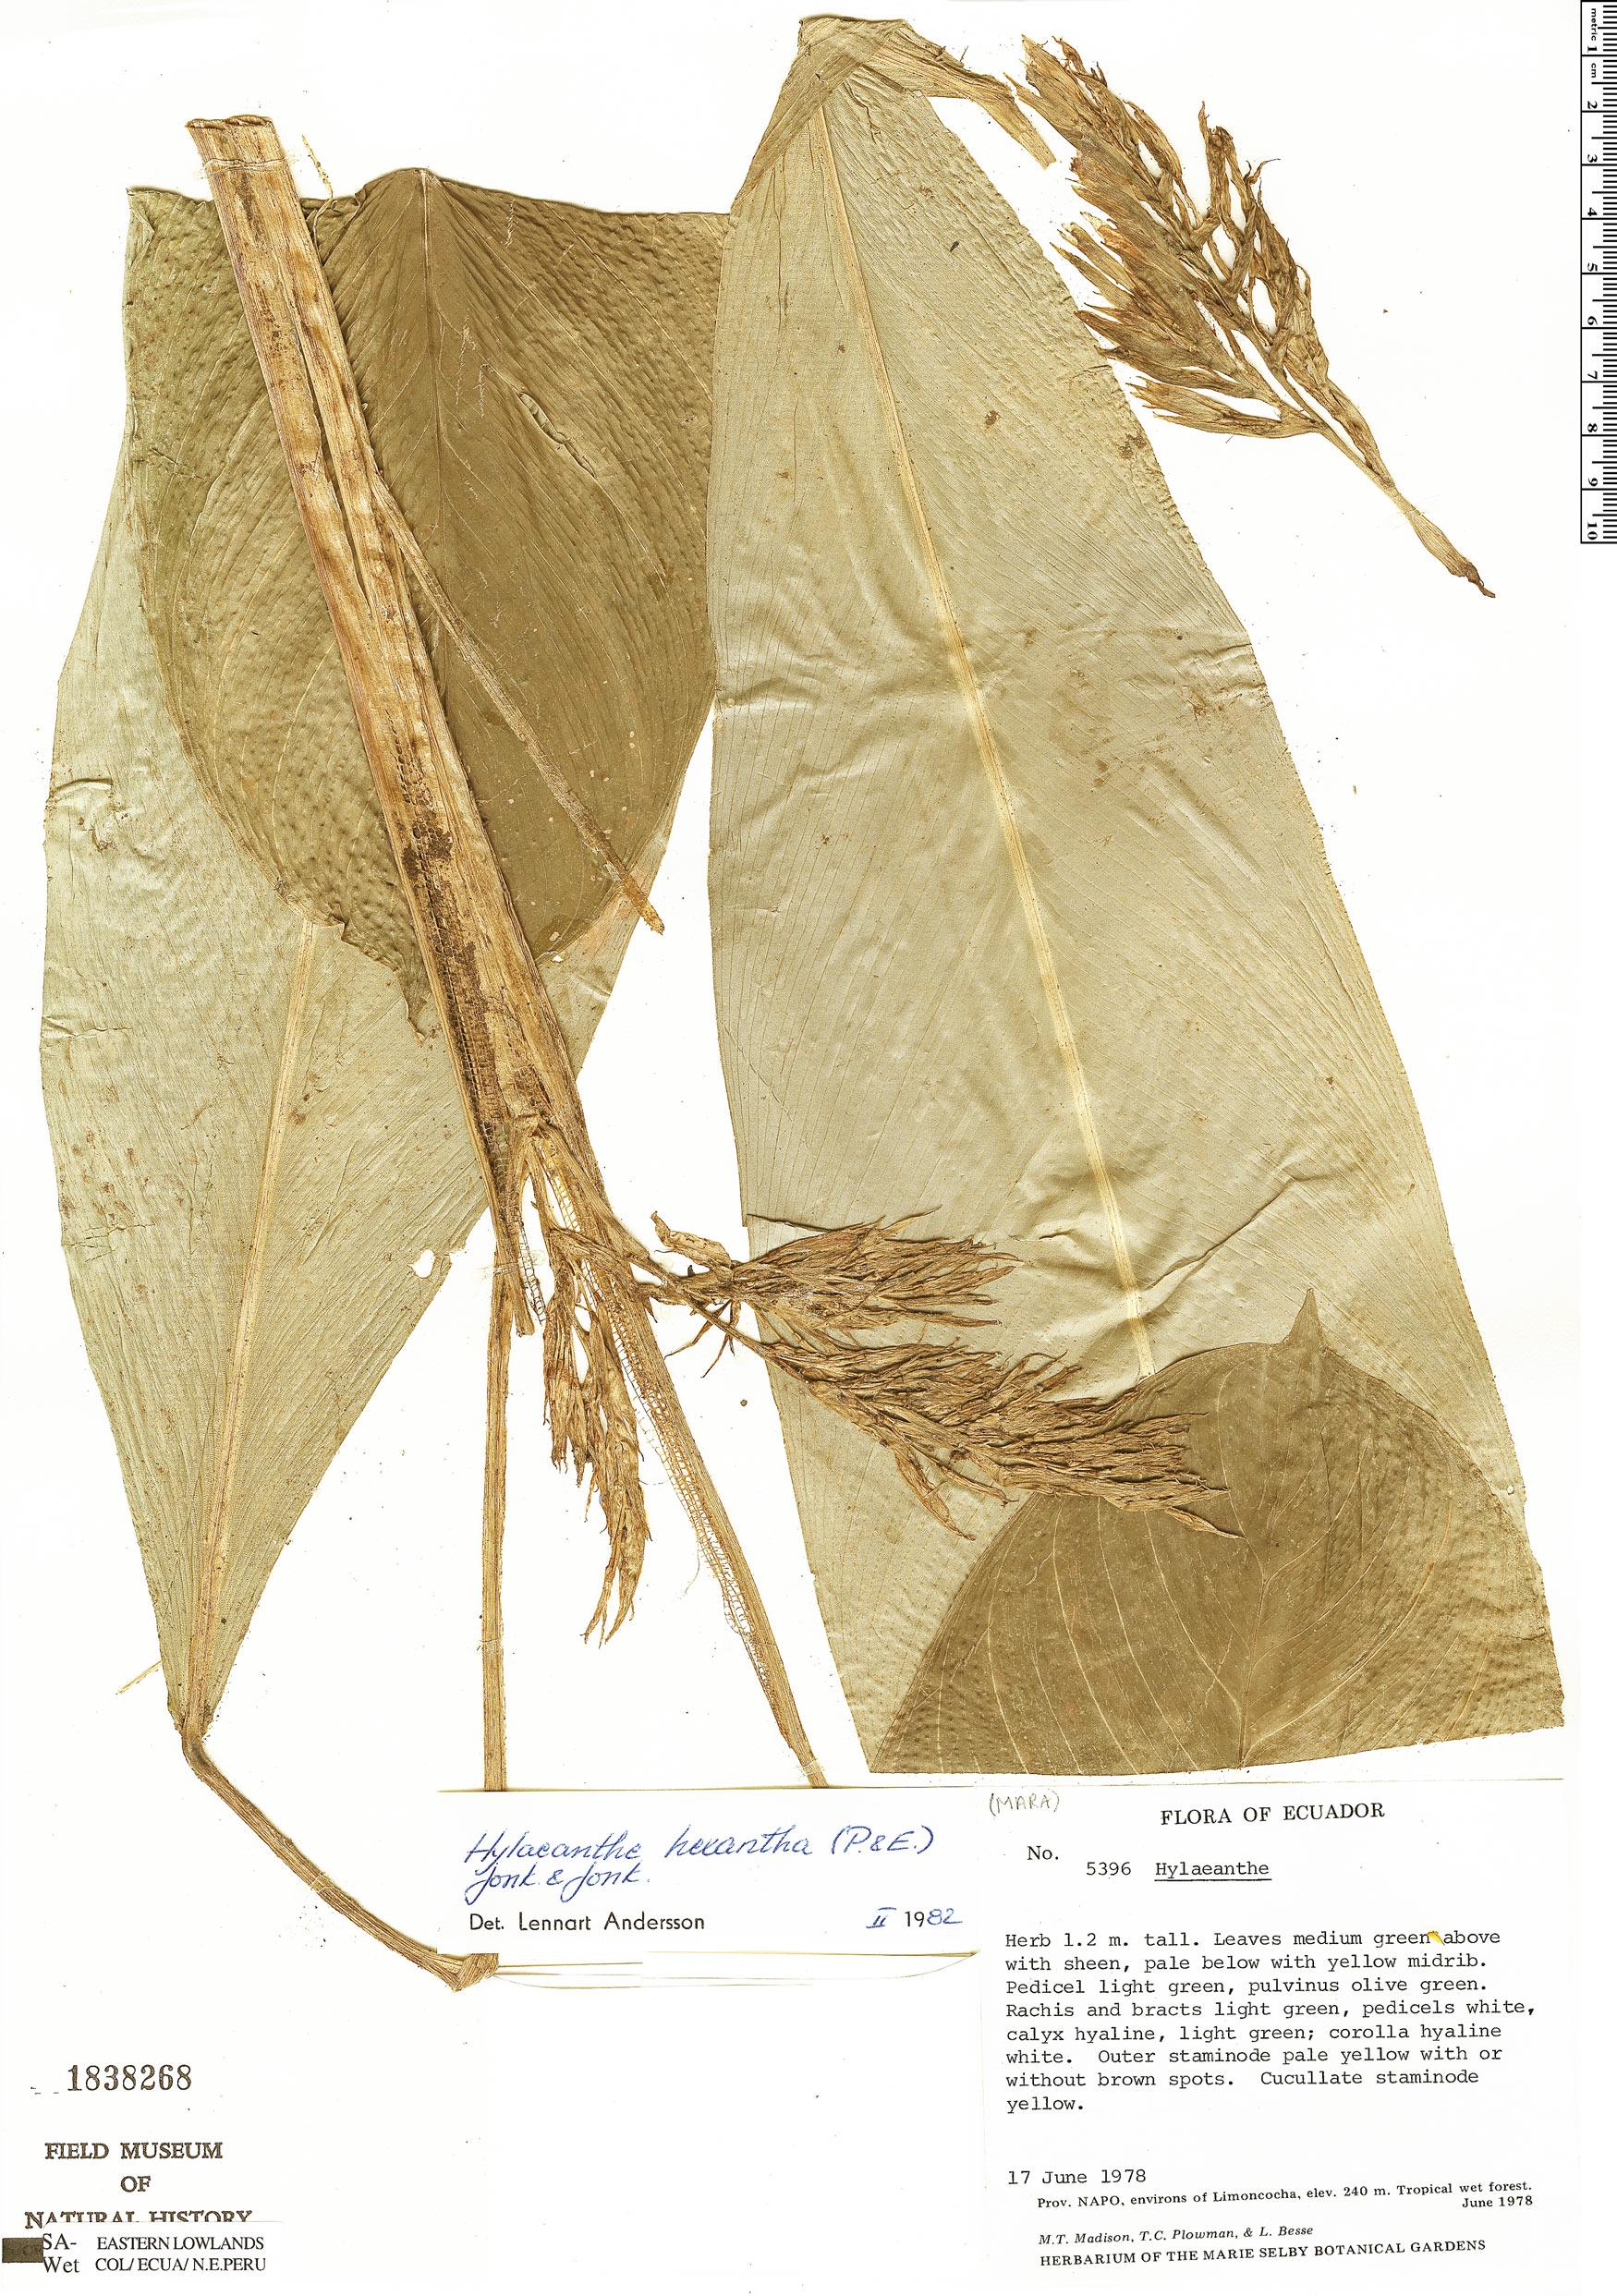 Specimen: Hylaeanthe hexantha